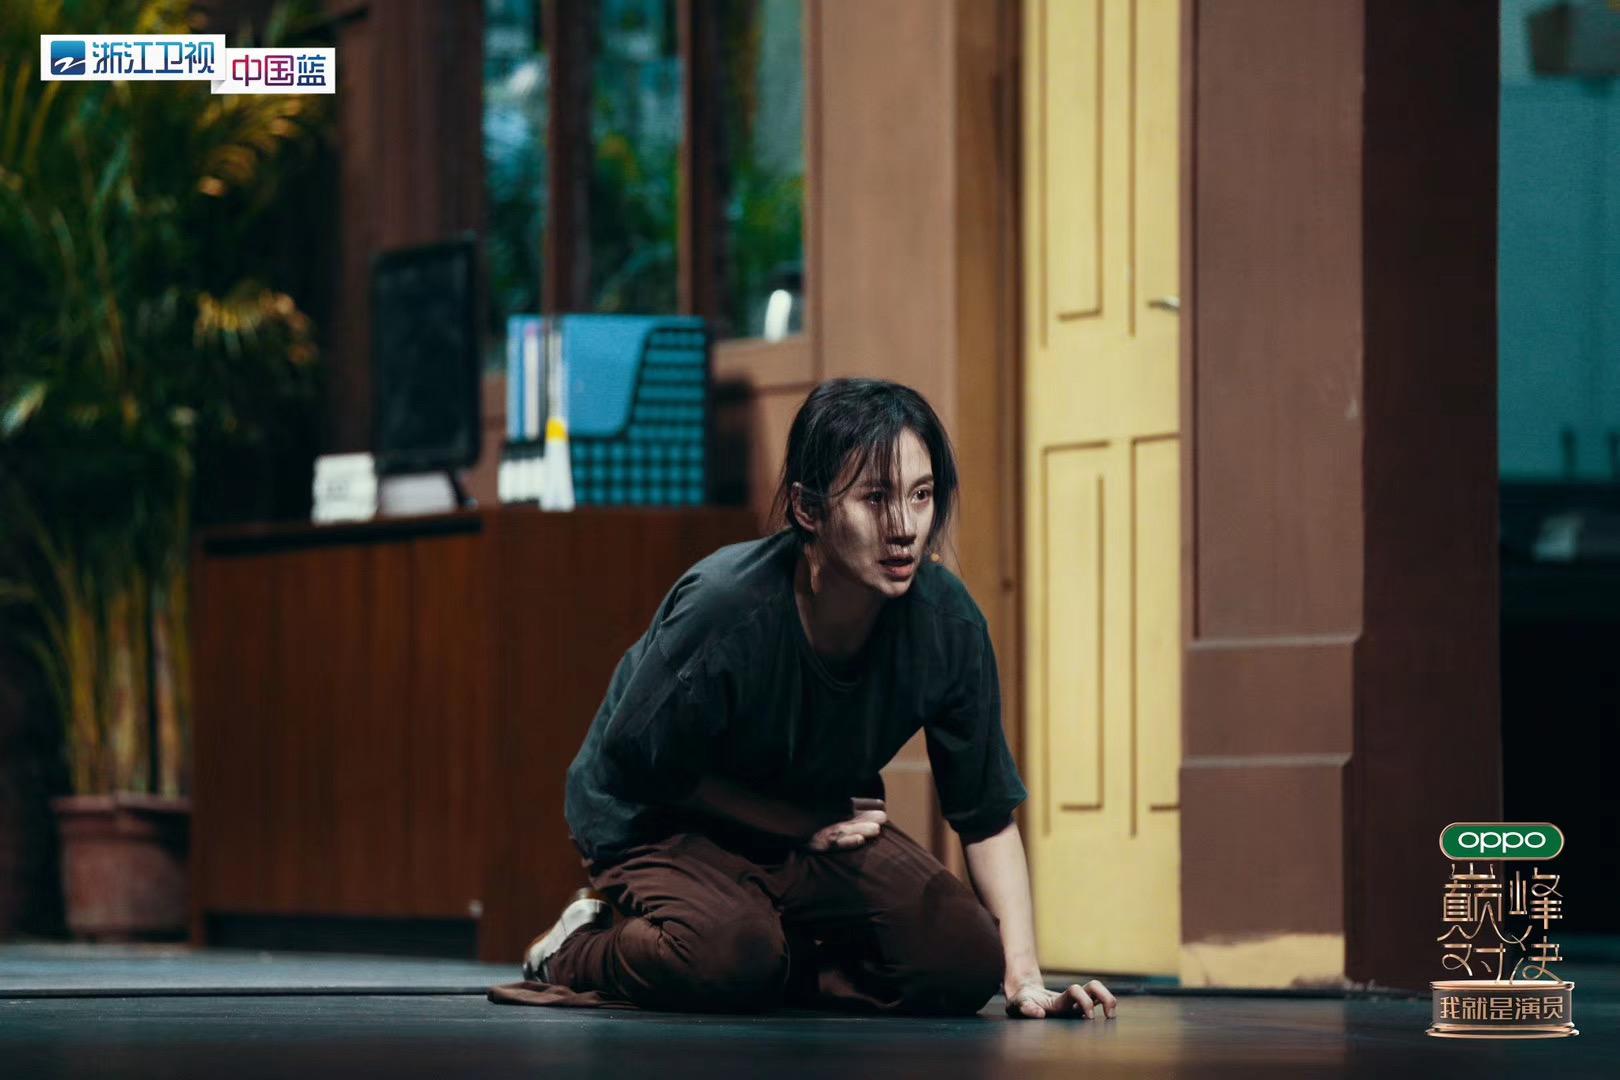 温峥嵘挑战热门影片《误杀》演技炸裂《巅峰对决》圆满收官